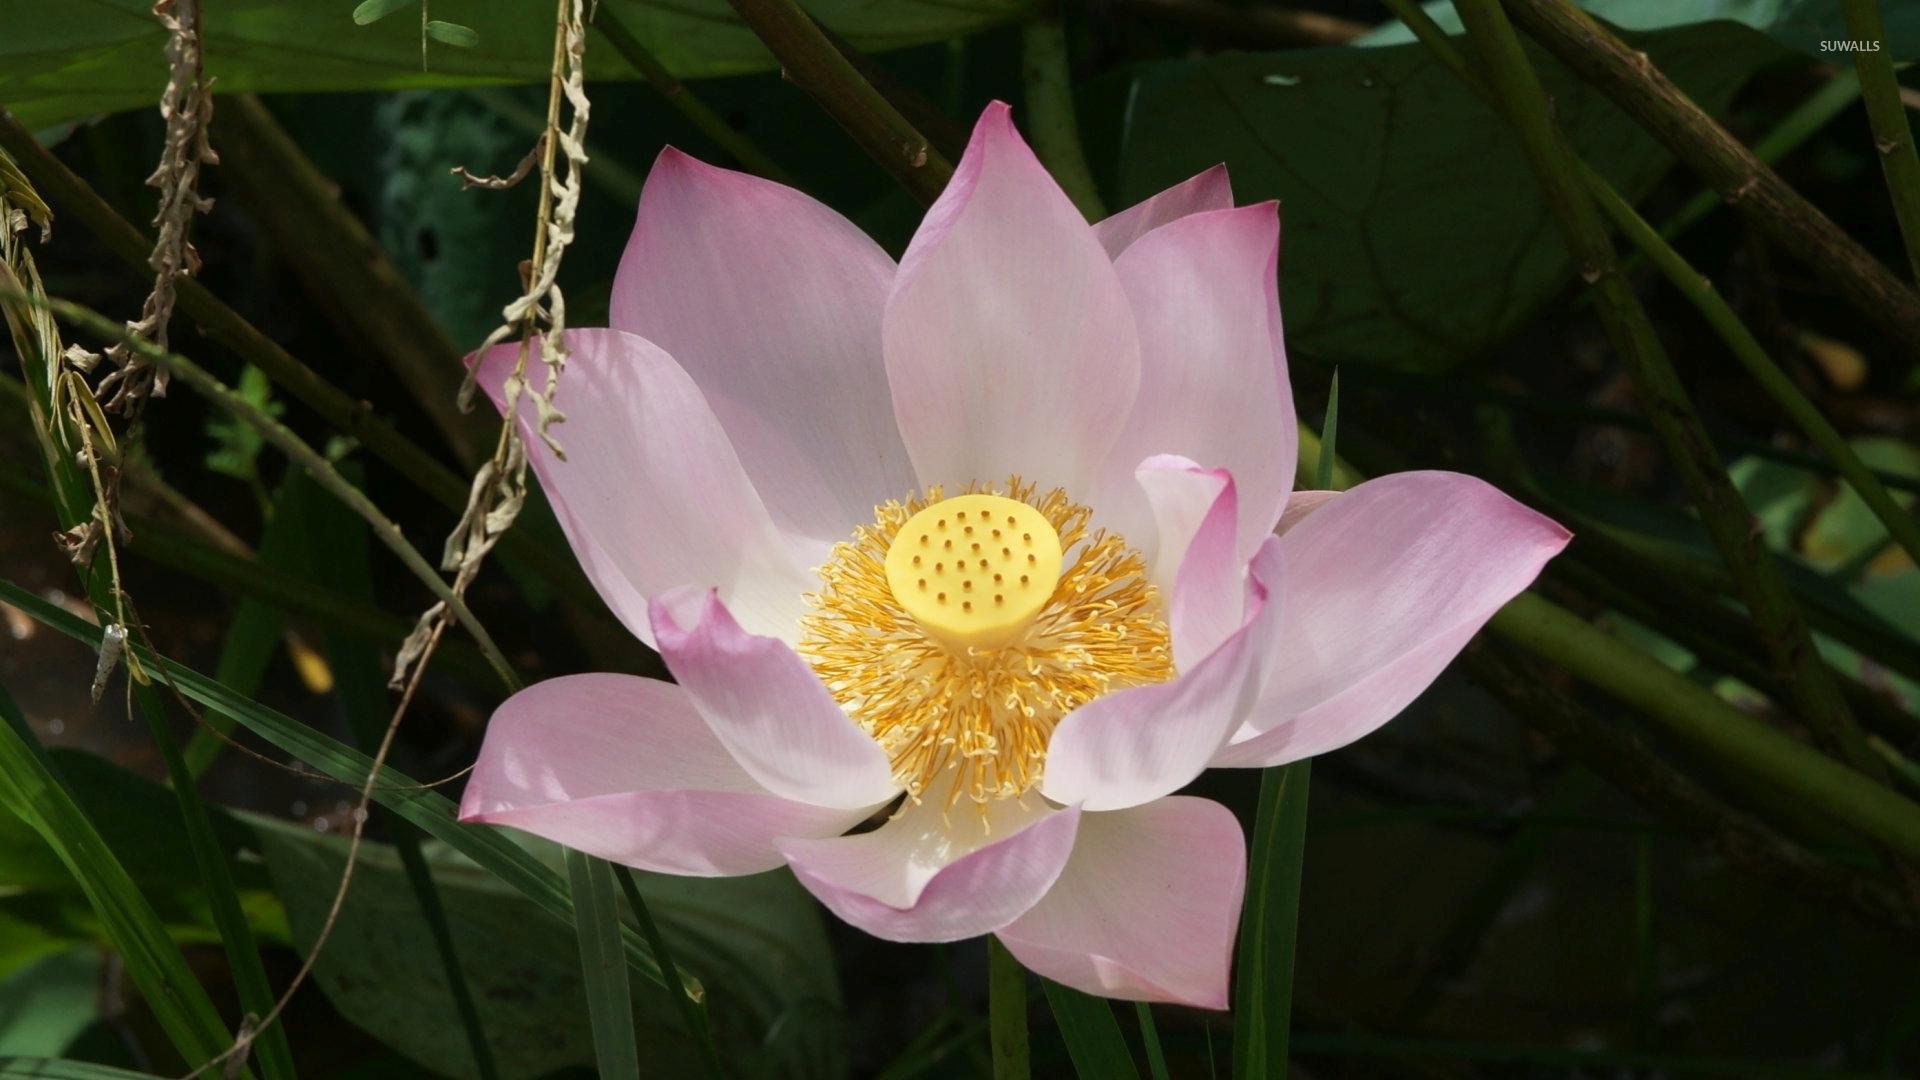 Техника выполнения медитации «цветок лотоса»